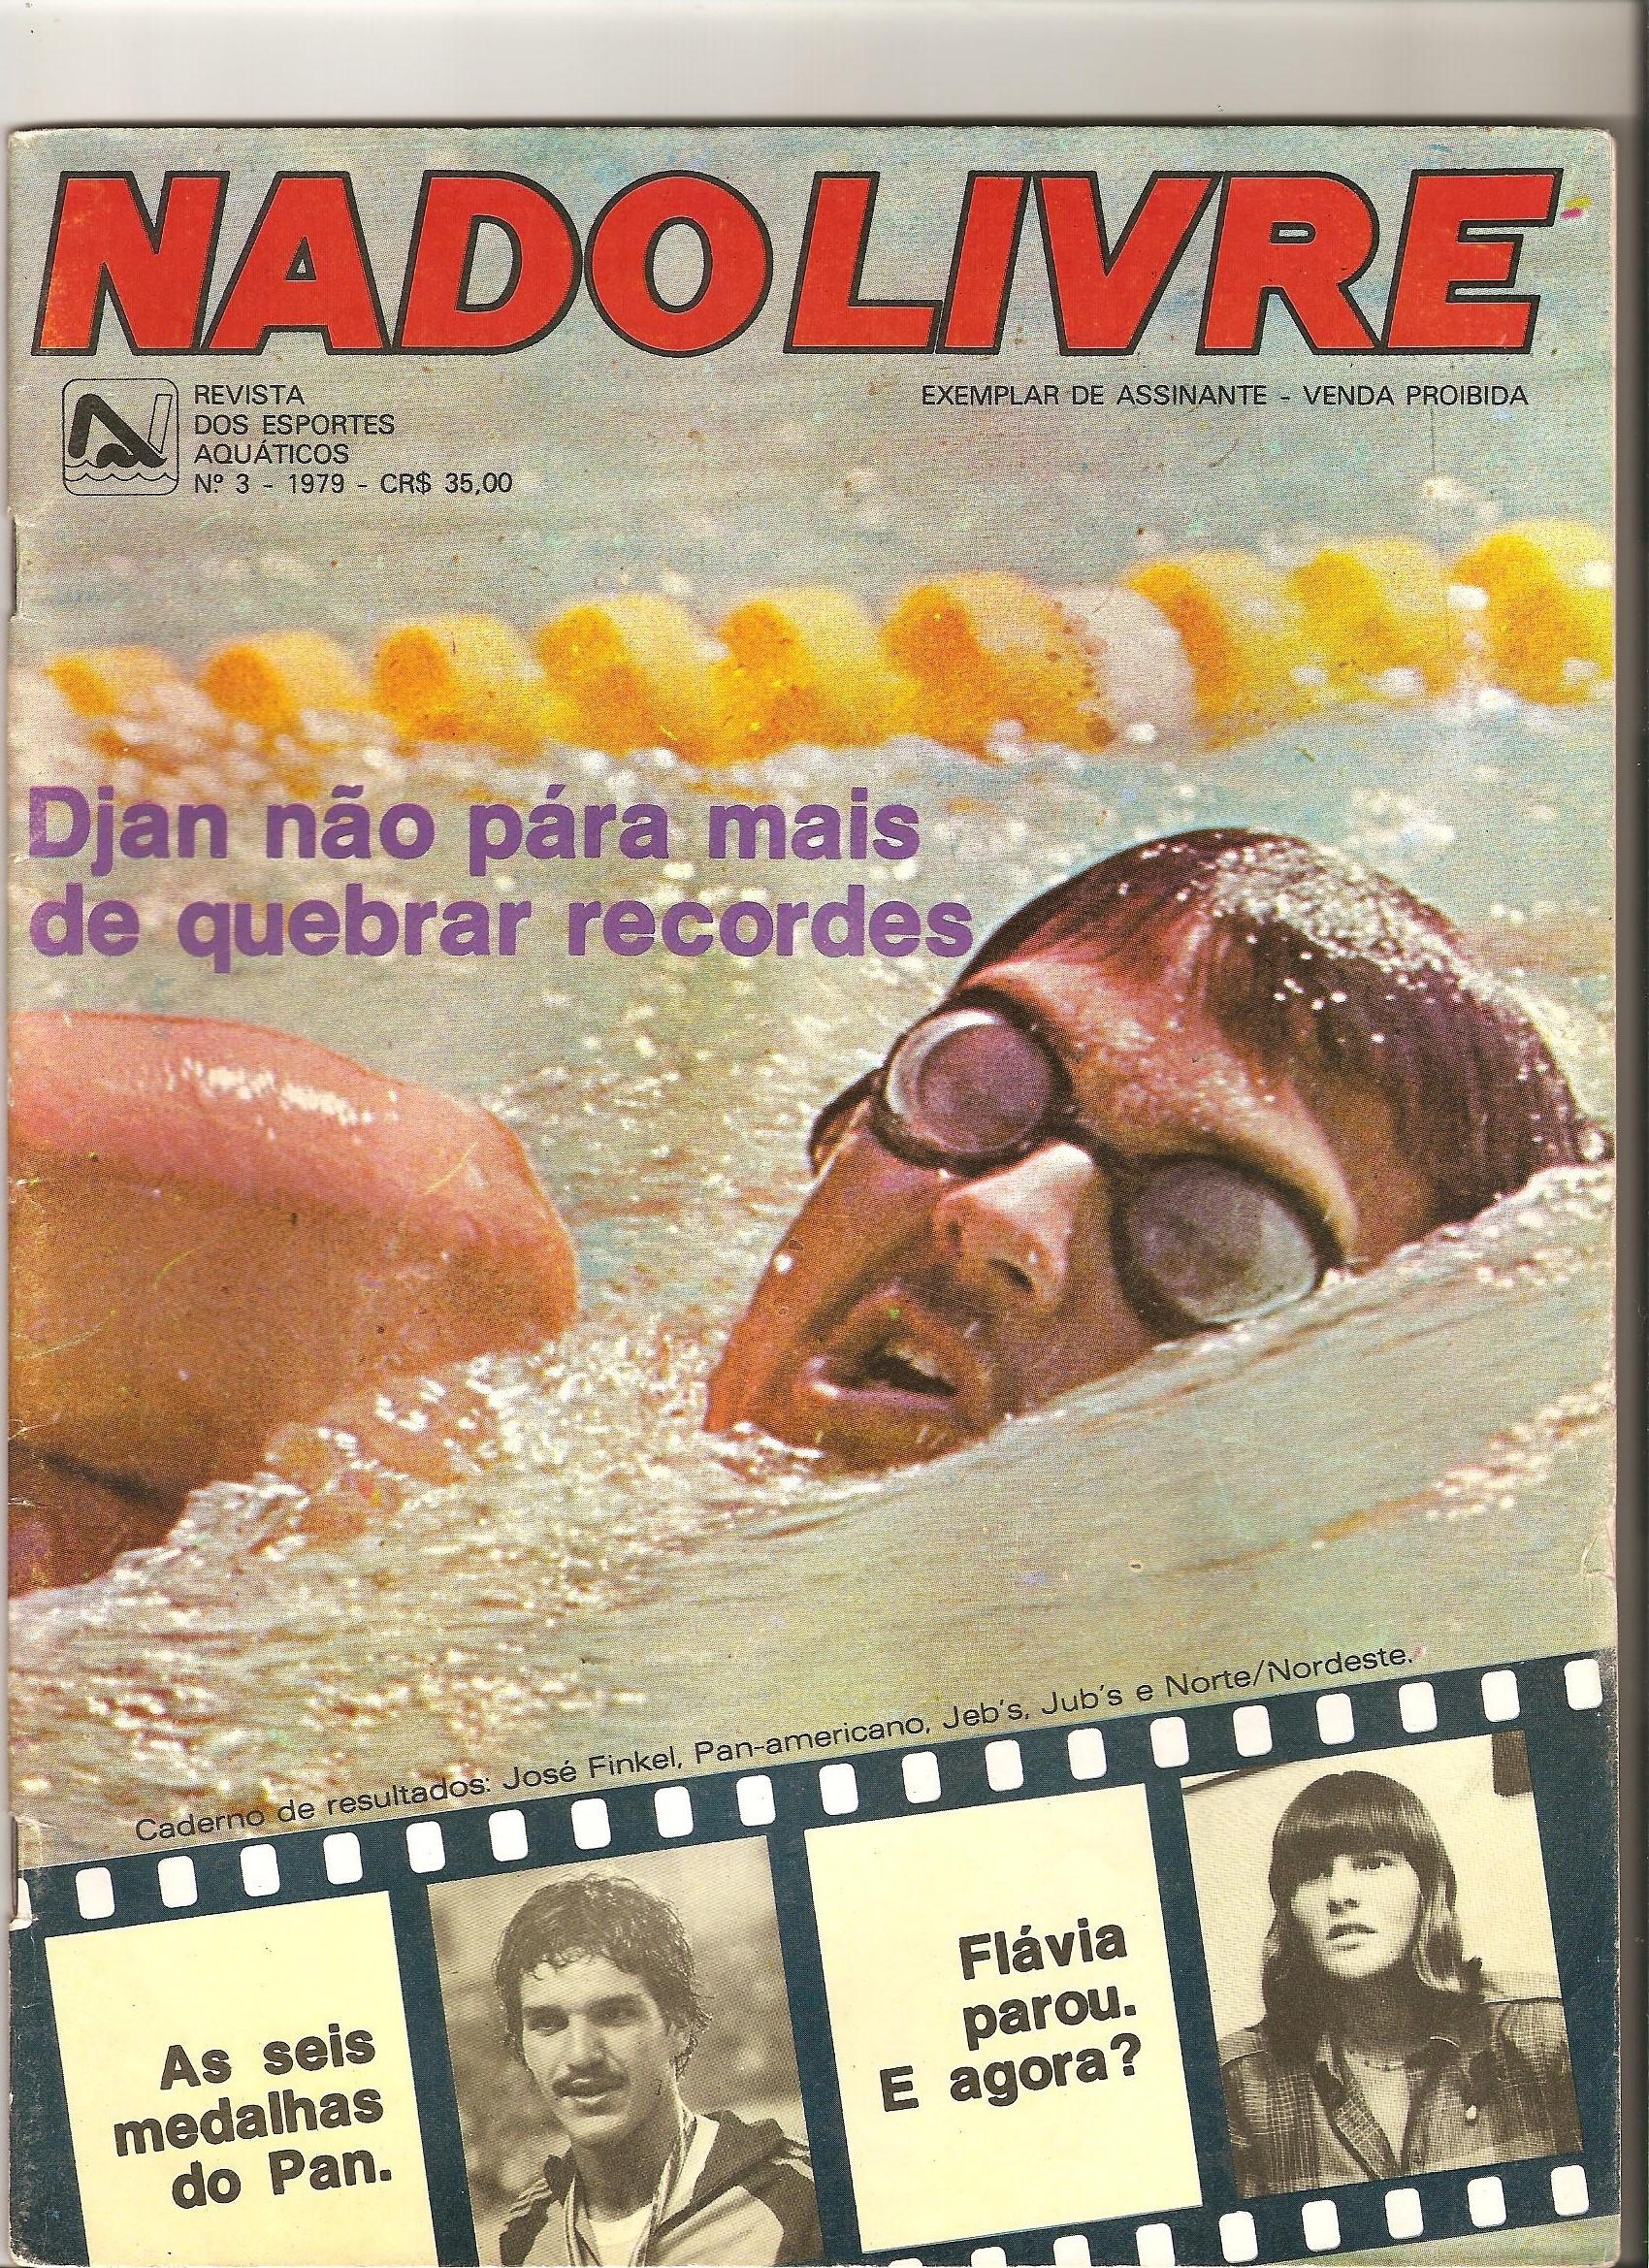 Capa da edição da NADO LIVRE publicada após a quebra do recorde dos 100m livre e unificação dos recordes dos 100m aos 1500m. 5